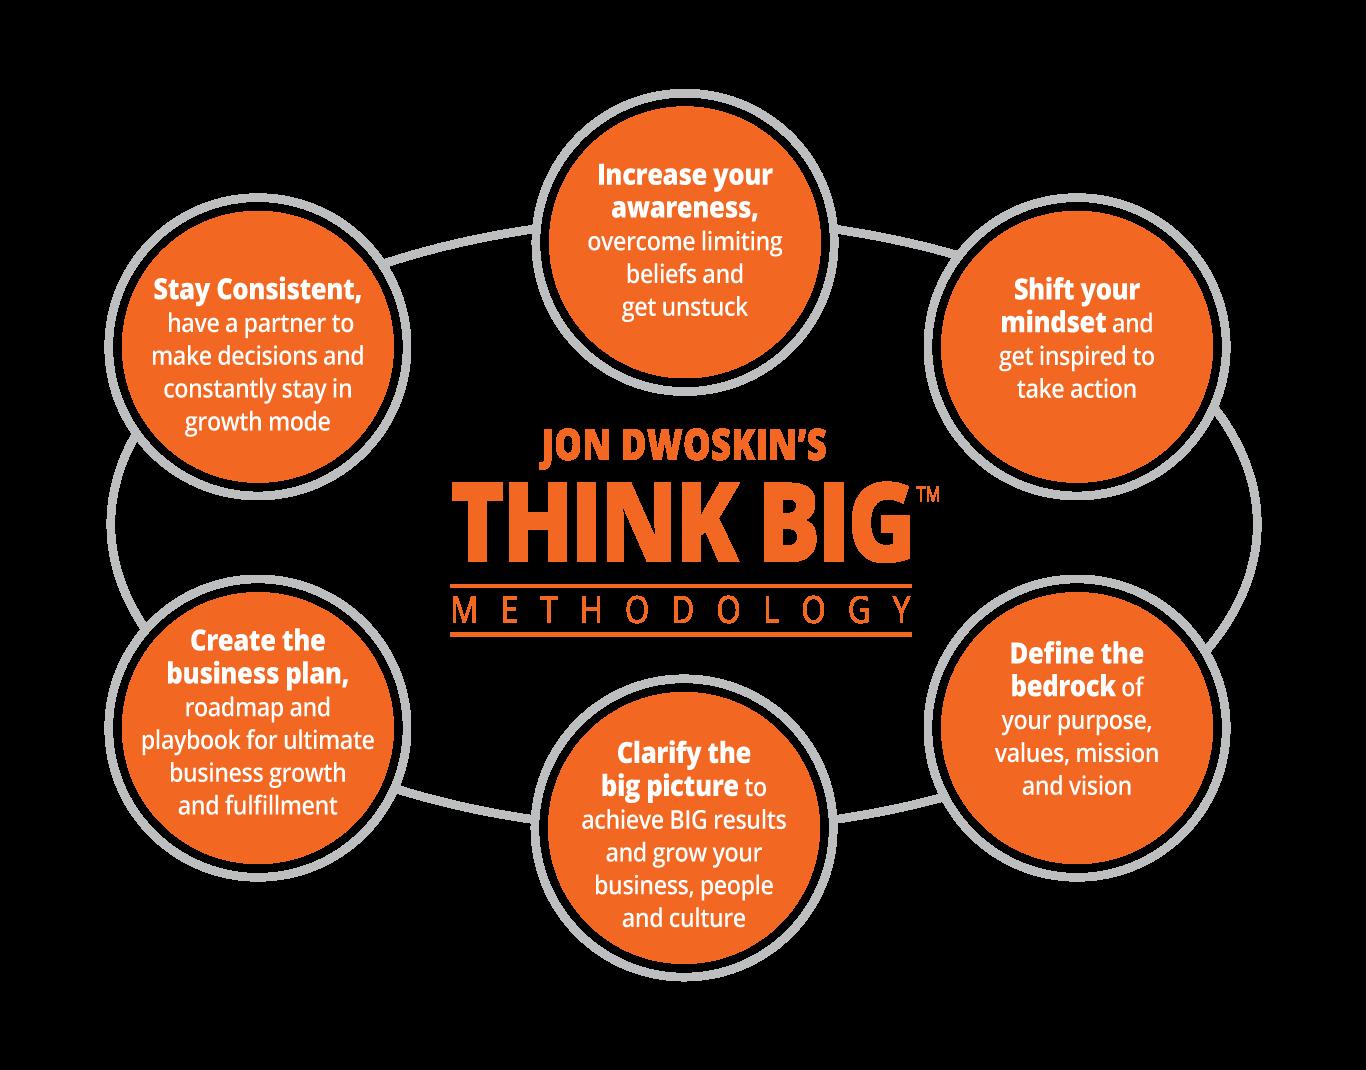 Jon Dwoskin's THINK BIG Methodology diagram